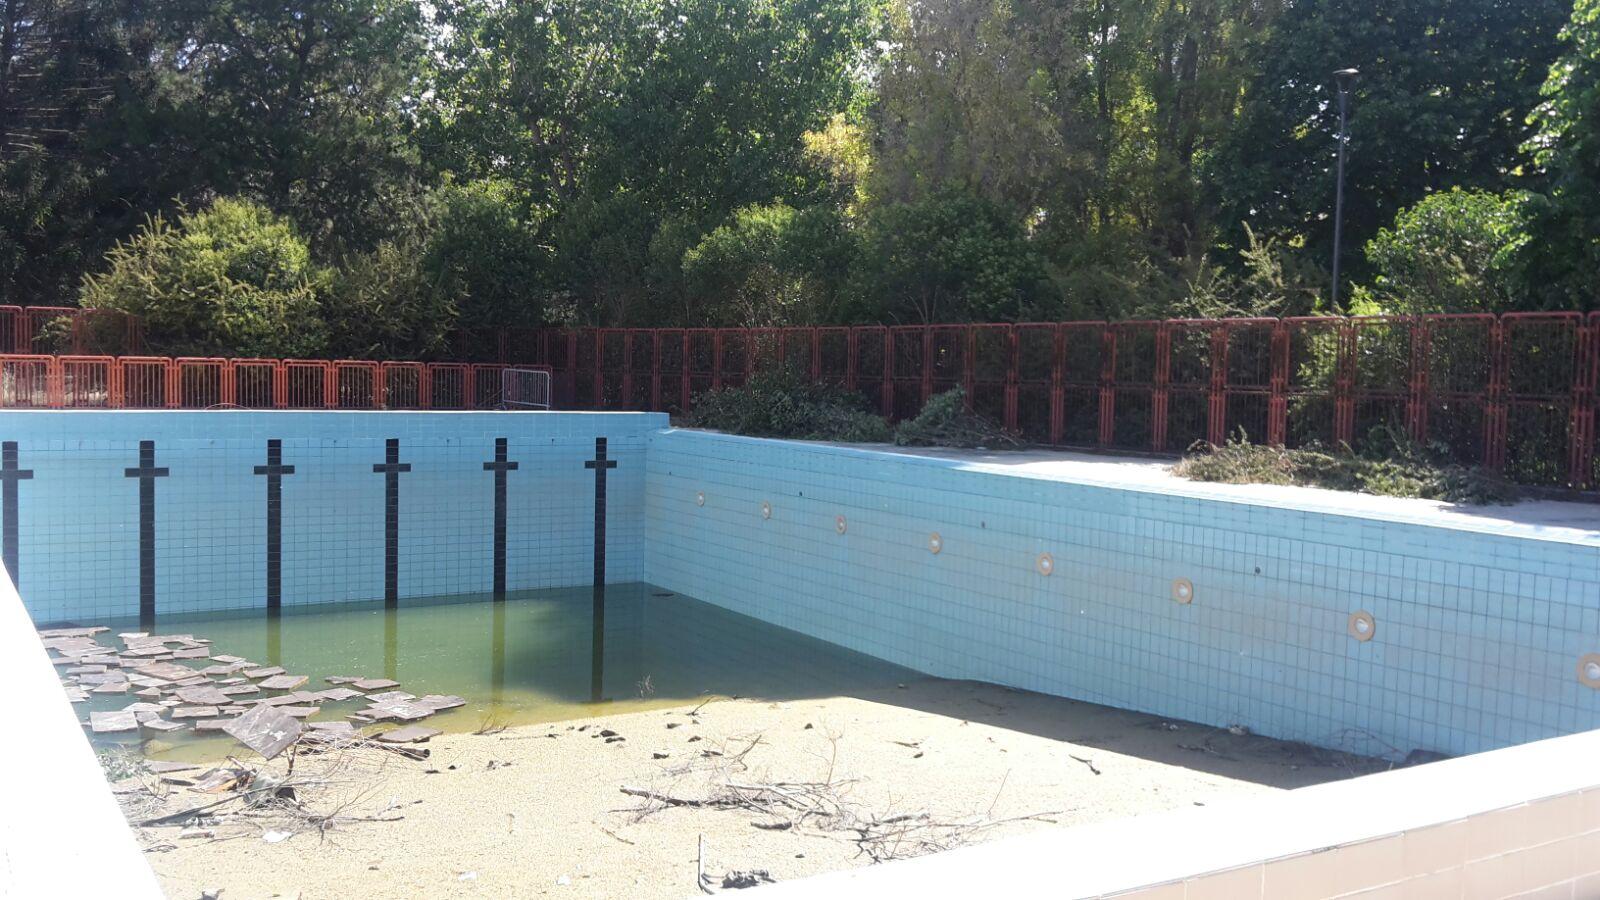 Le condizioni della piscina fino a 45 giorni fa